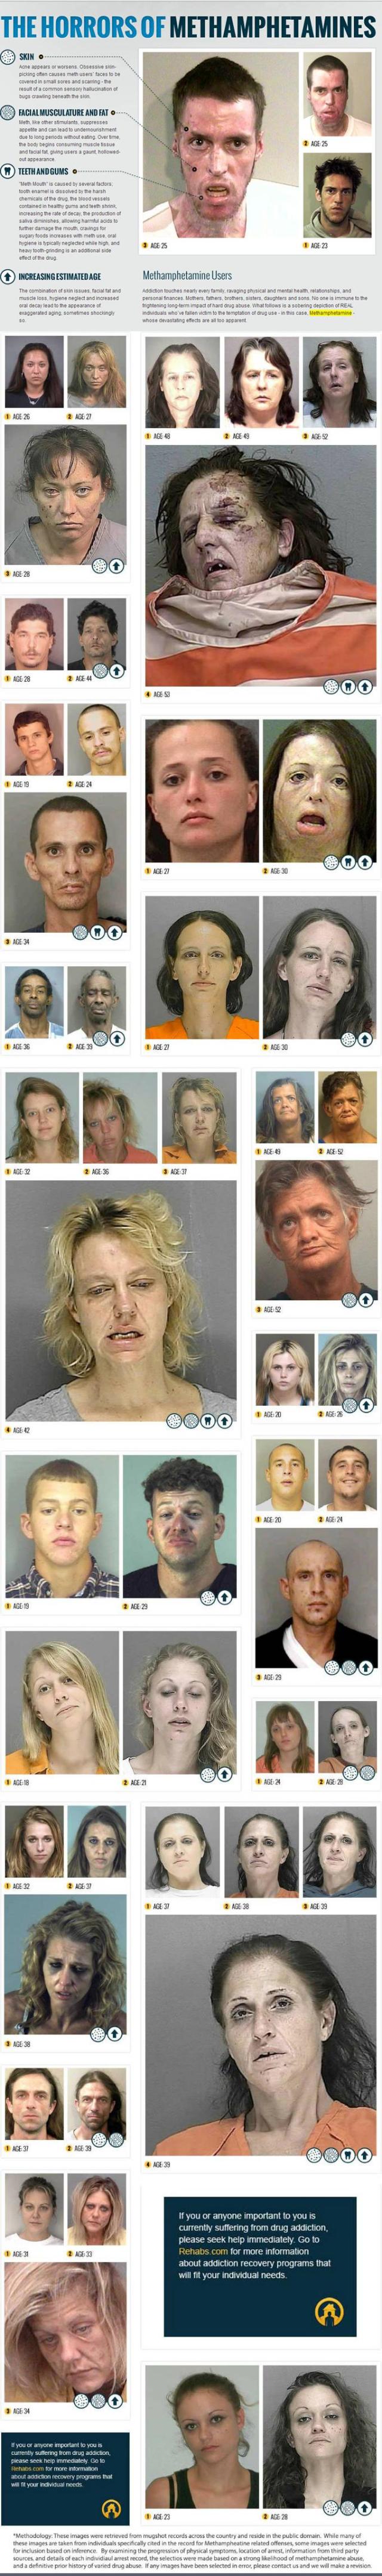 faces-meth-update